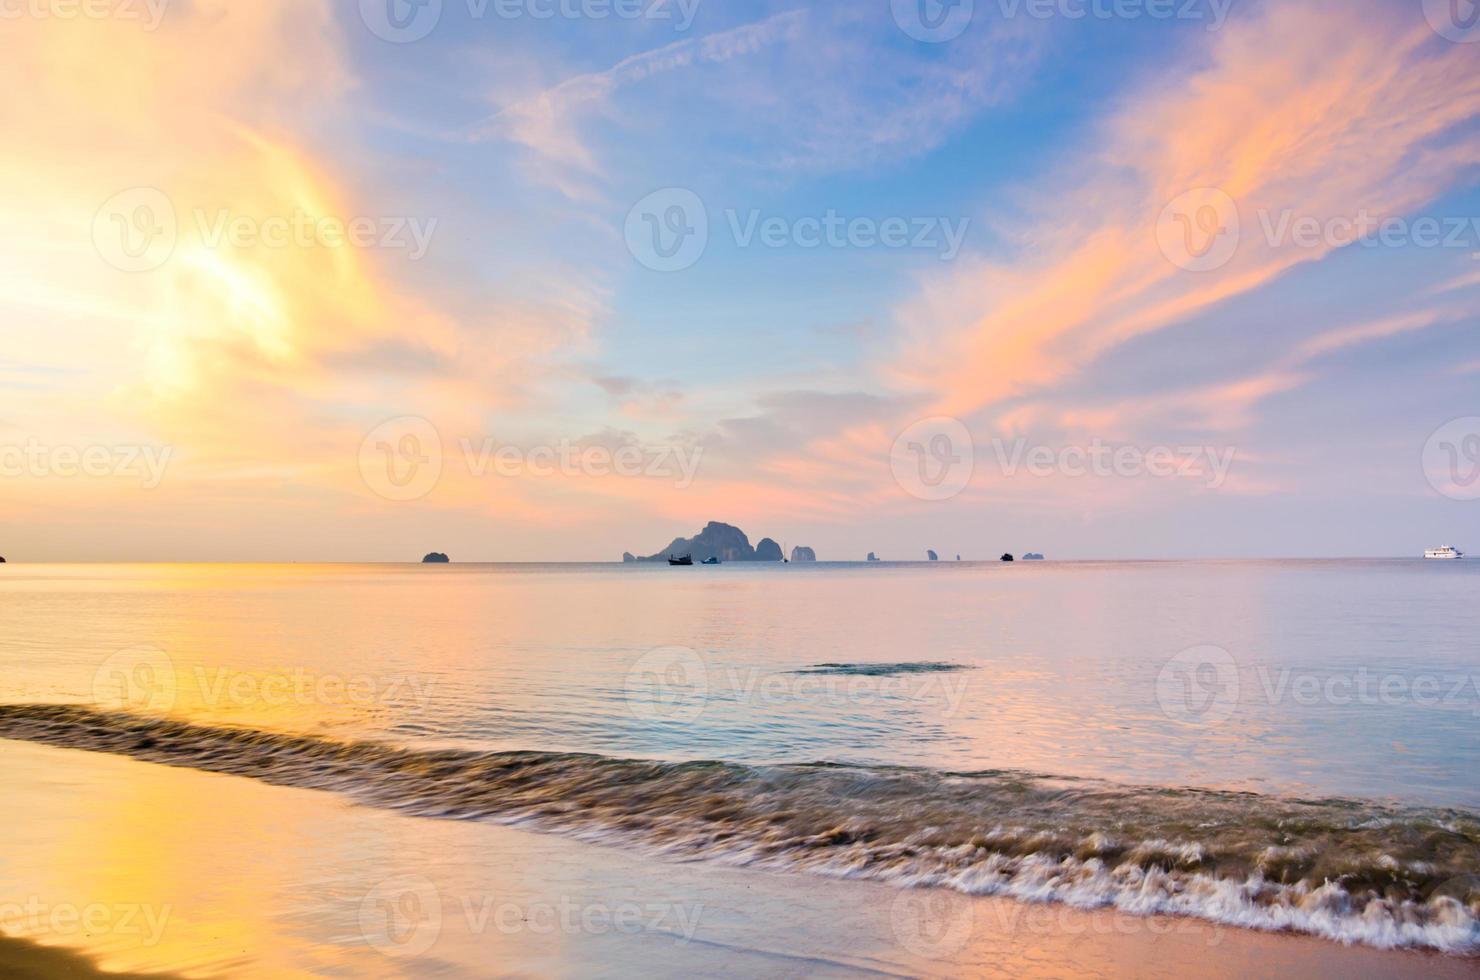 alba con mare e isole ad aonang, krabi foto